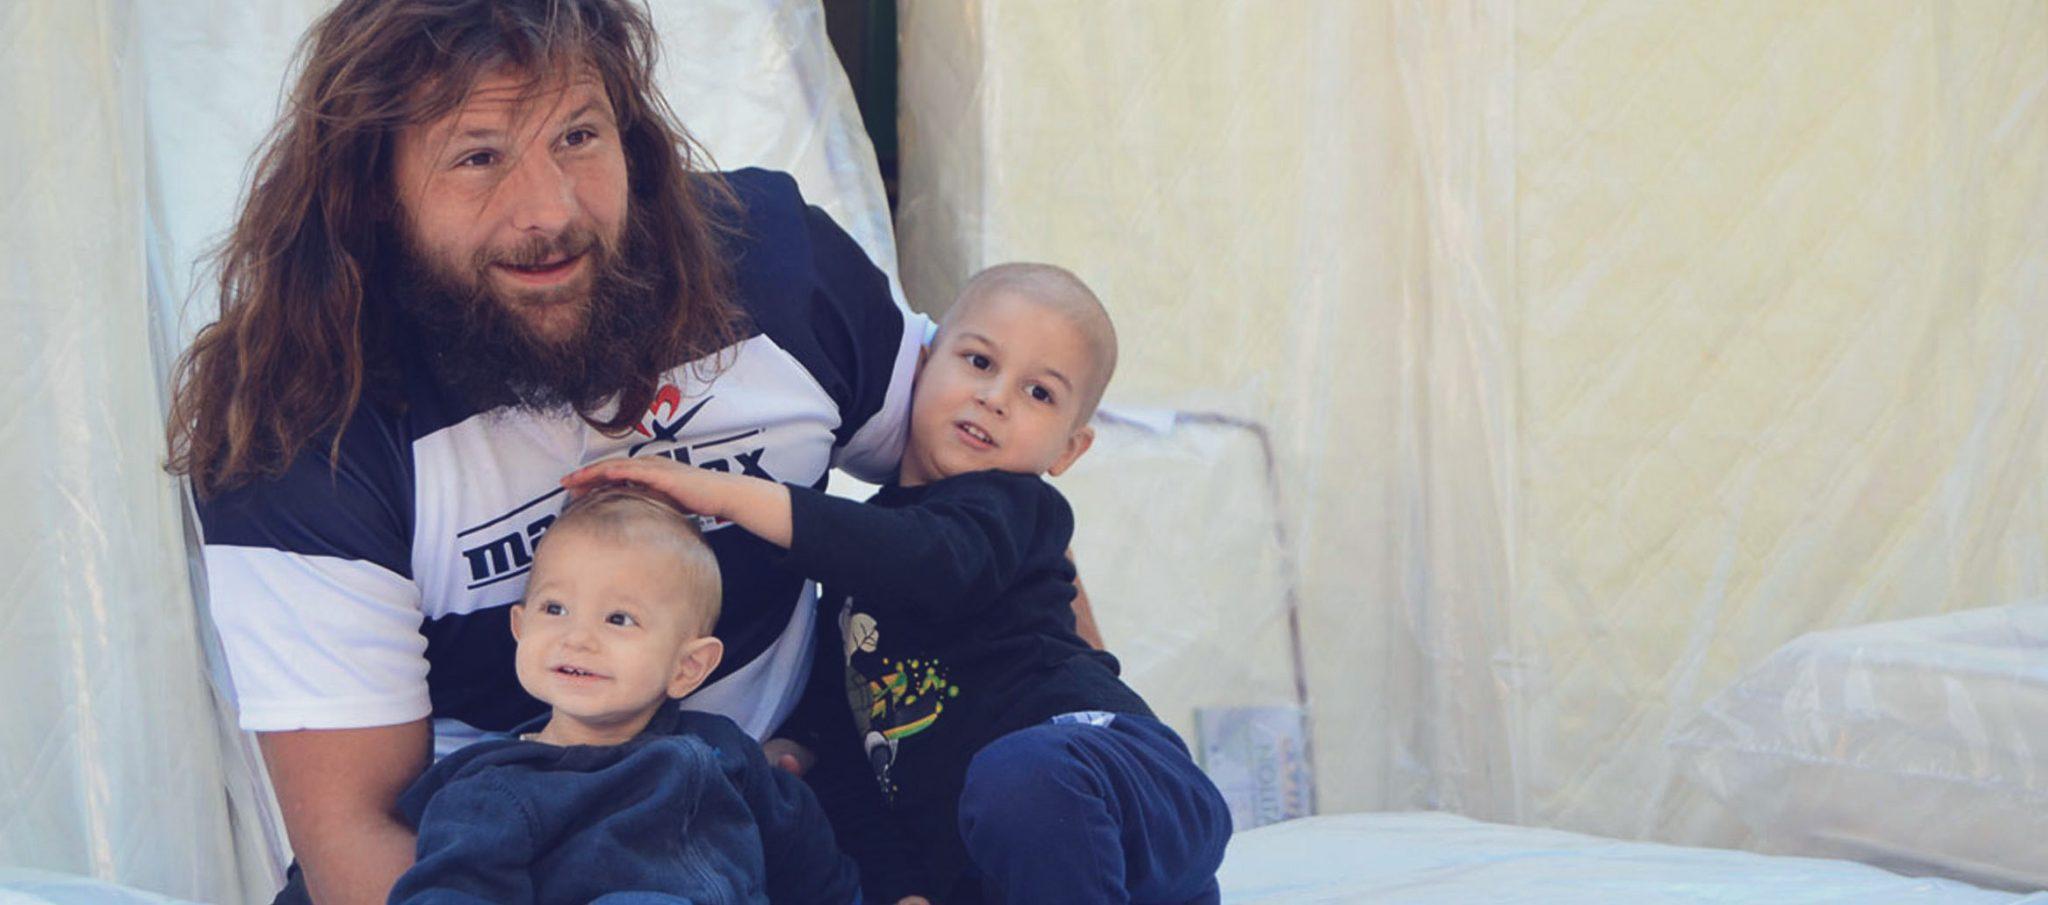 Martin Castrogiovanni con due bambini. Immagine presa dal sito dell'associazione Andrea Tudisco